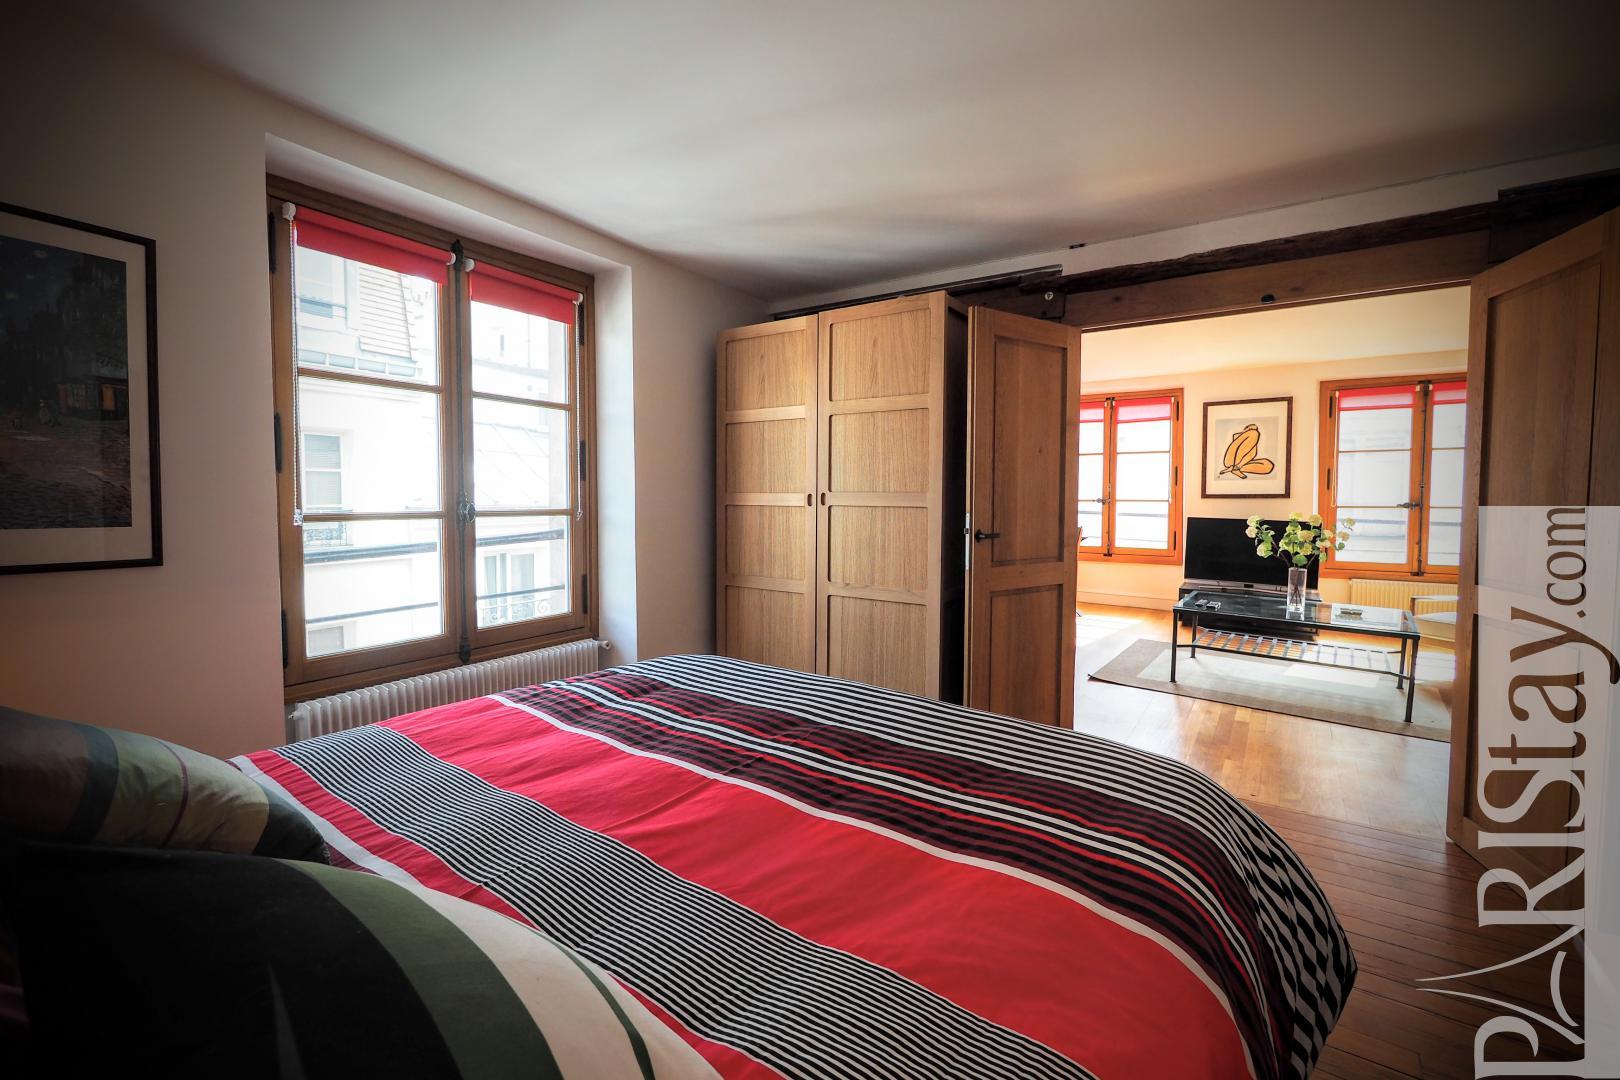 One Bedroom Long Tem Rental Le Marais St Paul Le Marais 75004 Paris